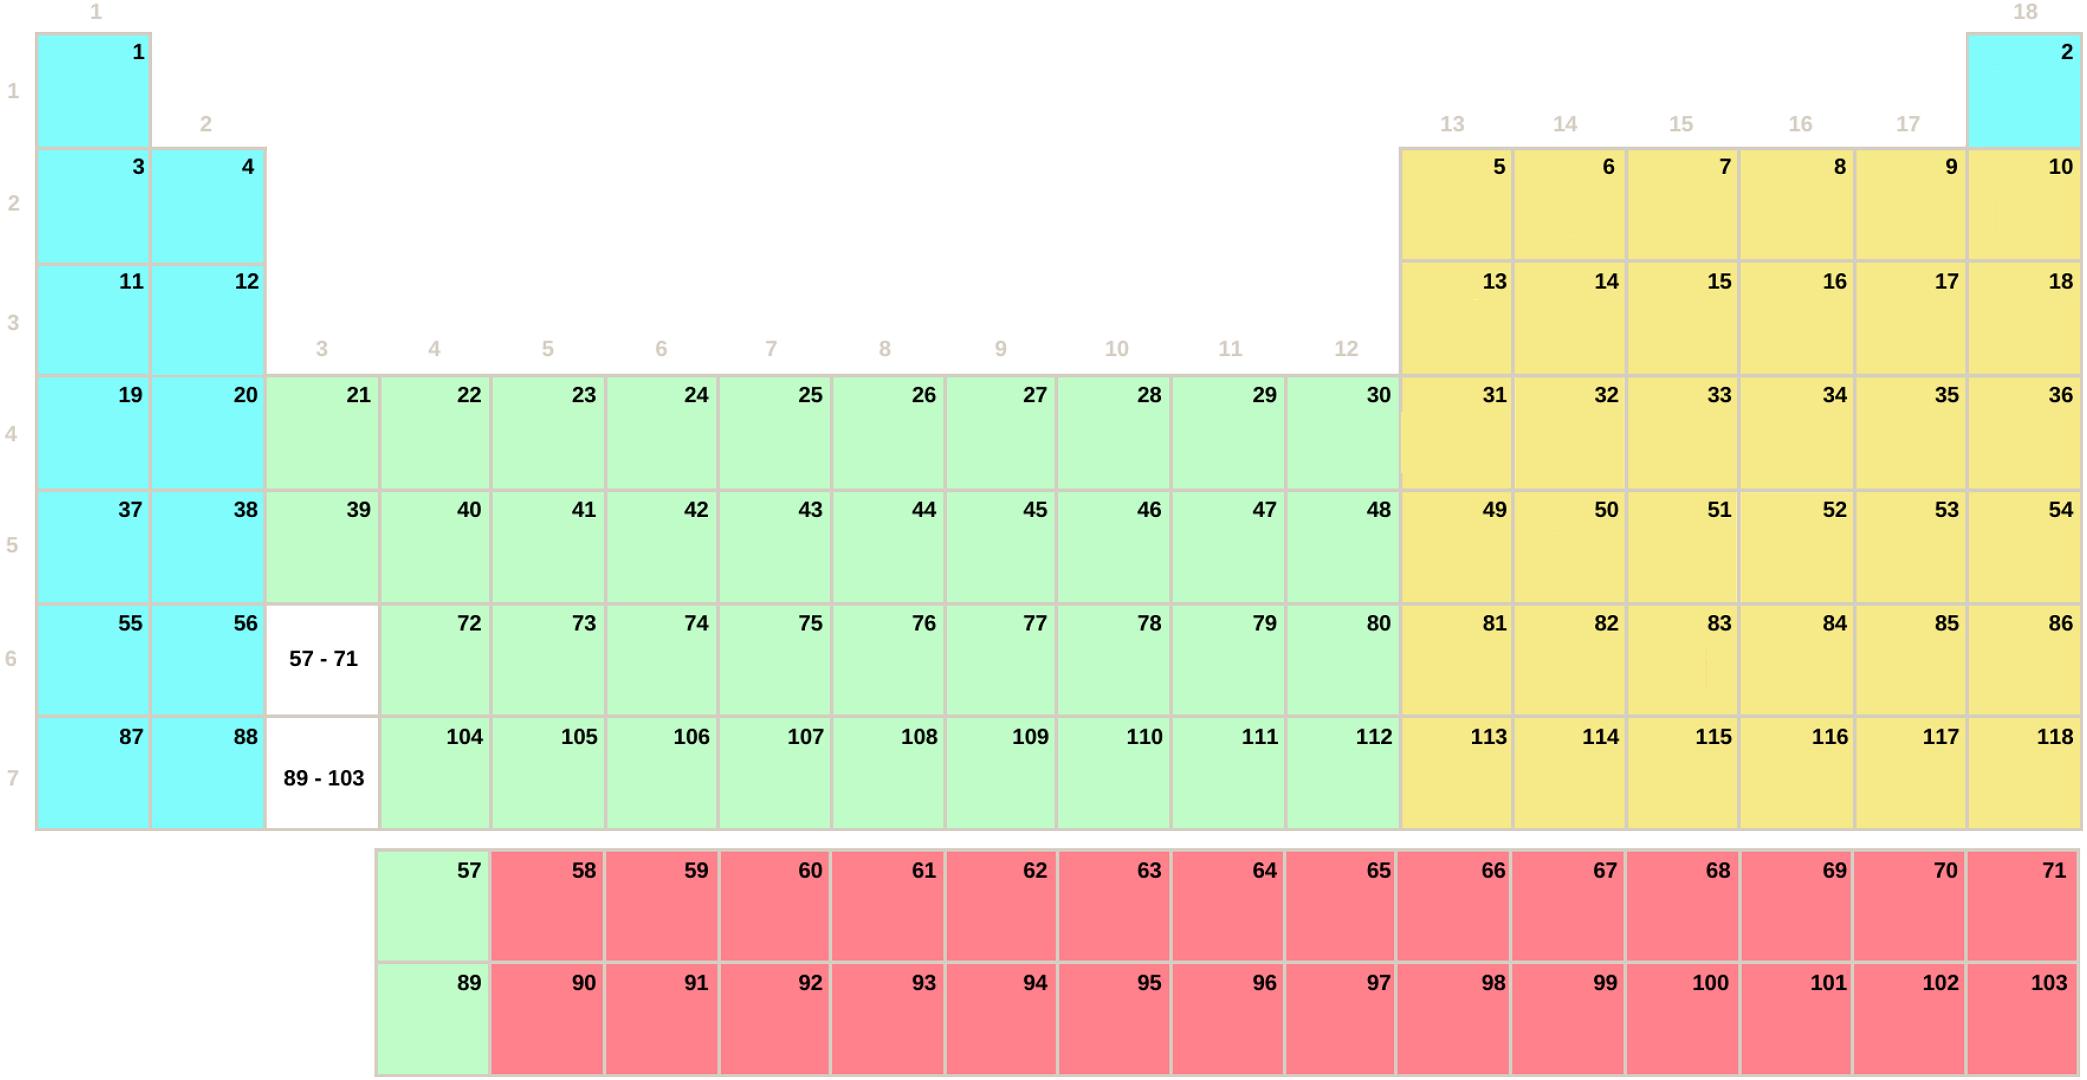 Taula periodikoa, ikurrik gabeko SDPF blokeka (Bigarren Hezkuntza - Batxilergoa)